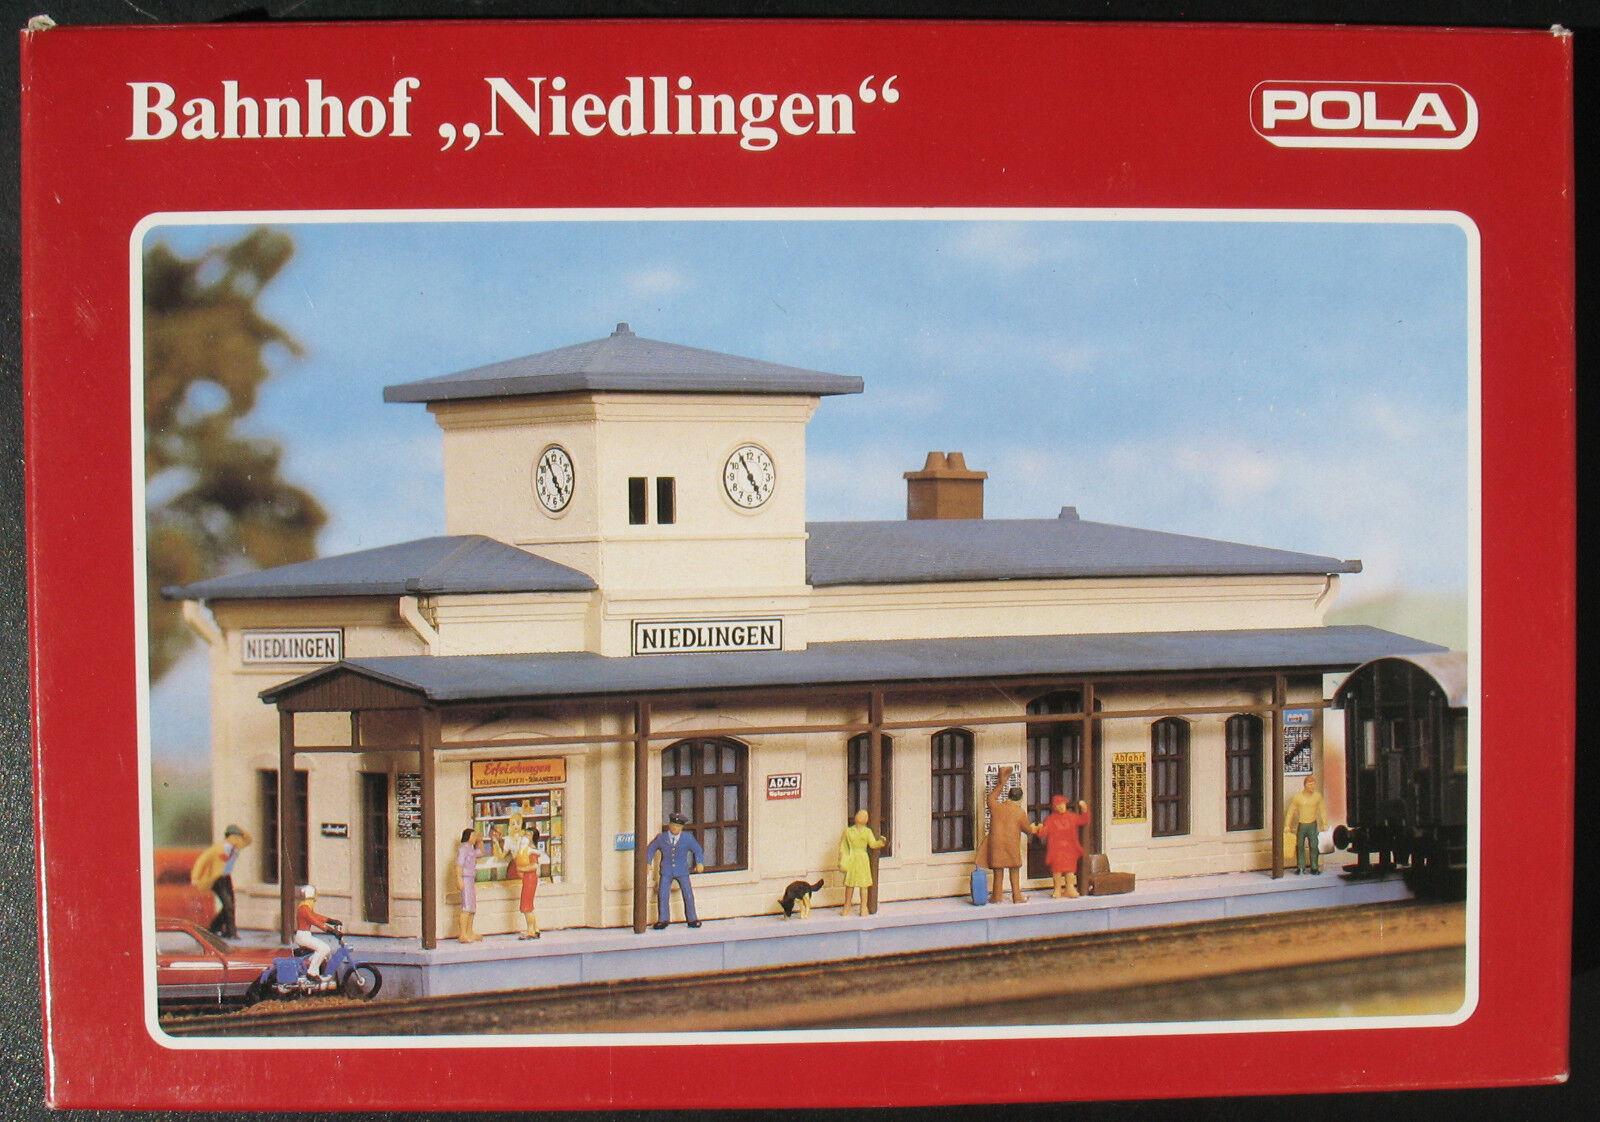 Pola 551-estación  niedlingen  - pista h0-ferrocarril modelo Kit-model kit